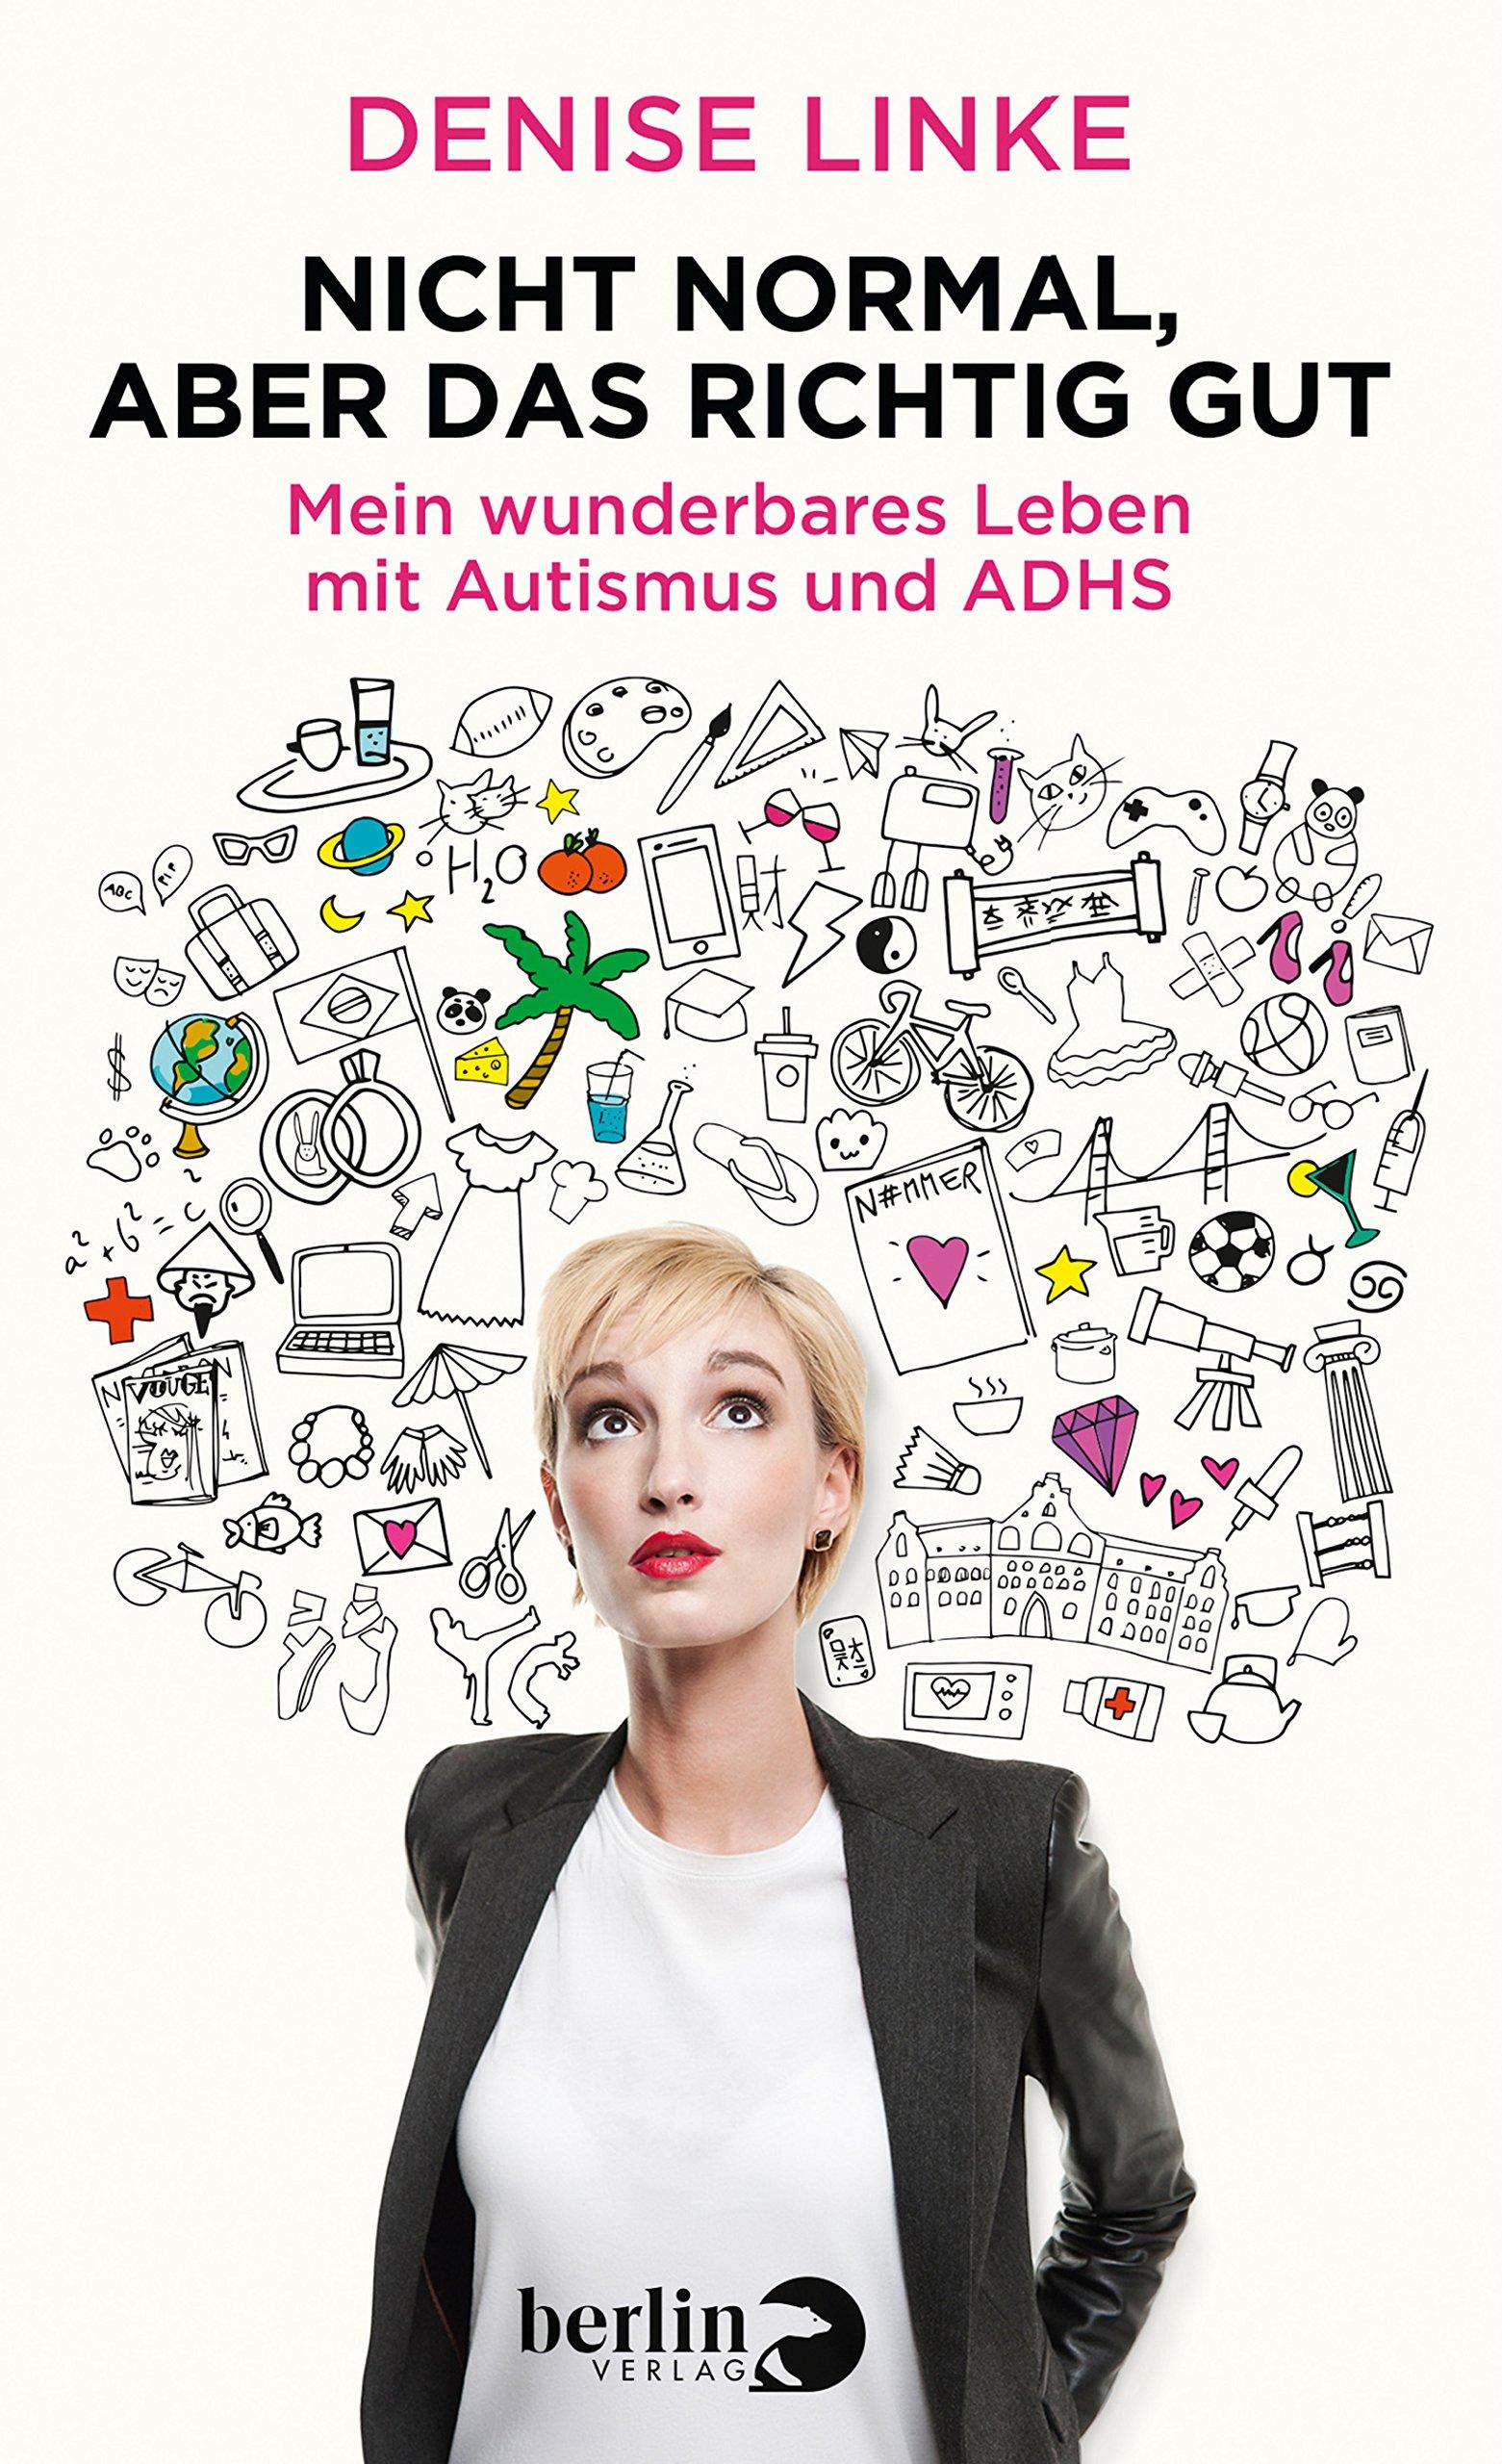 Nicht normal, aber das richtig gut: Mein wunderbares Leben mit Autismus und ADHS